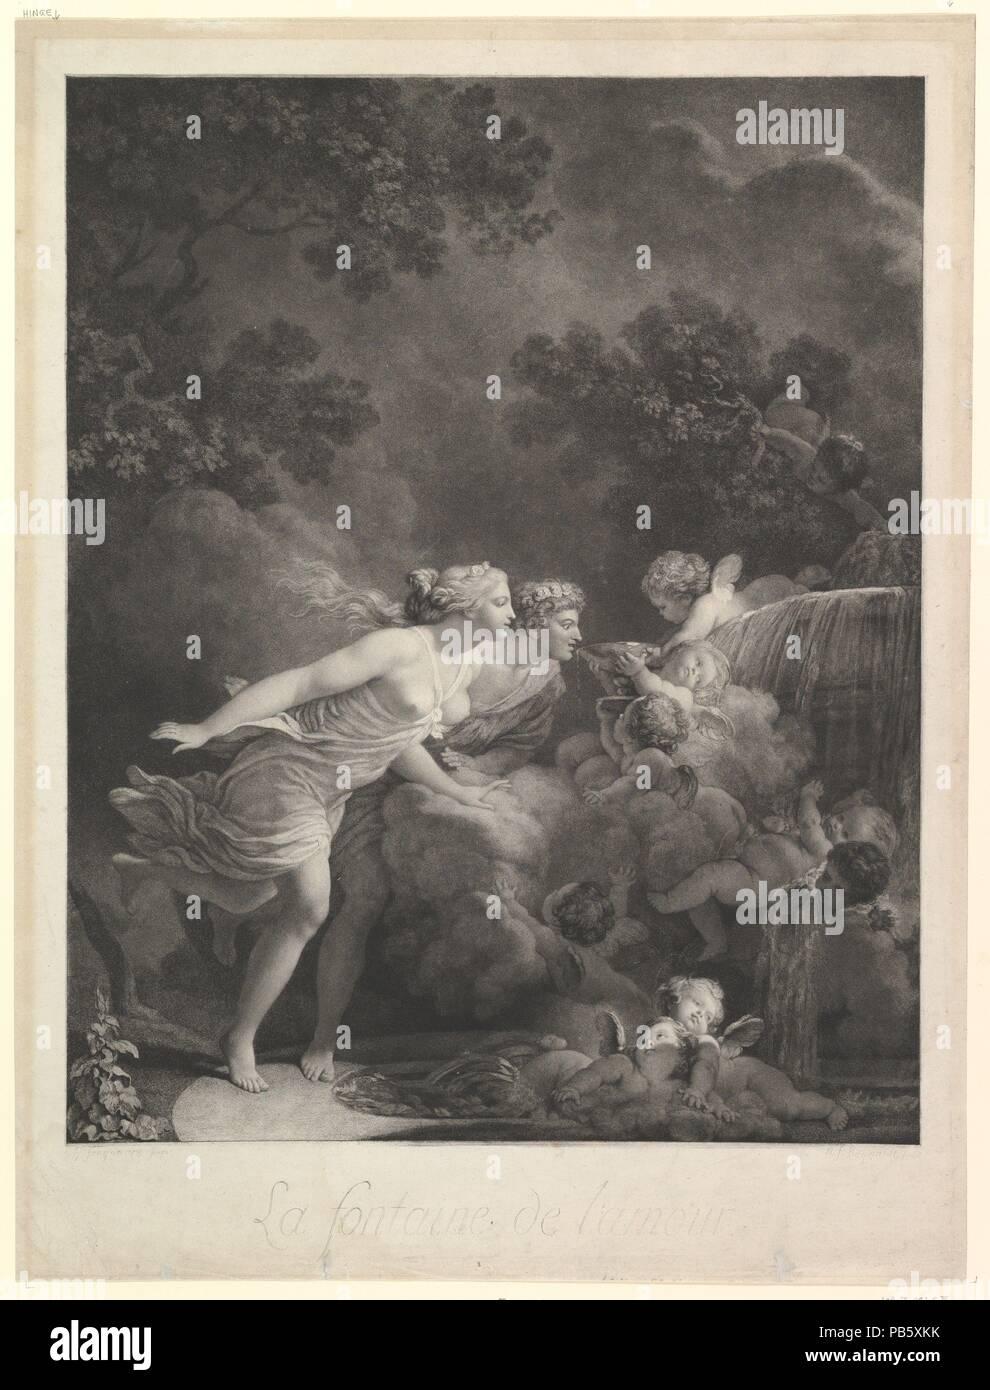 La Fontaine d'Amour. Artist: Nach Jean Honoré Fragonard (Französisch, Grasse Paris 1732-1806). Maße: Blatt: 24 15/16 x 19 in. (63,4 x 48,3 cm) Bild: 23 7/16 x 16 15/16 in. (59,5 x 43,1 cm). Engraver: Gravur von Nicholas François Regnault (Französisch, Paris 1746-1810). Datum: 1785. Museum: Metropolitan Museum of Art, New York, USA. Stockfoto